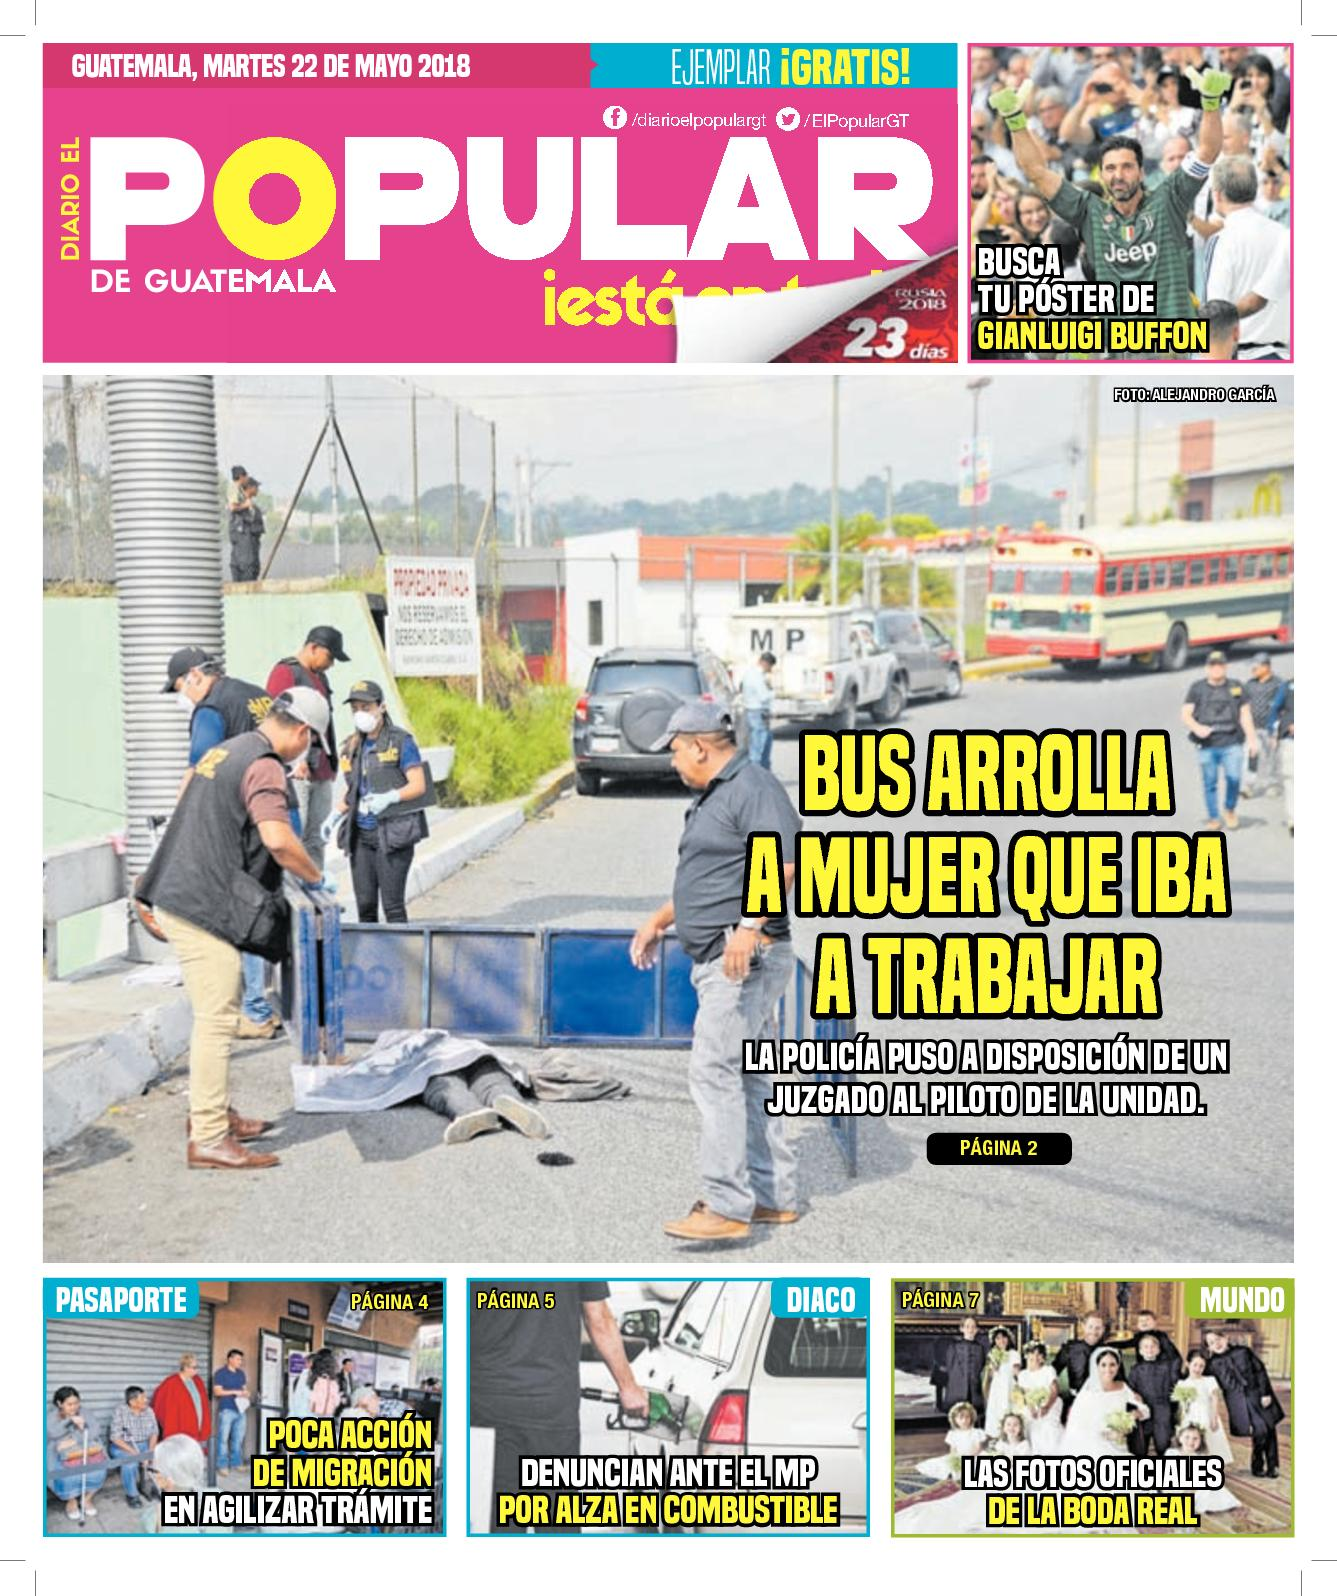 EL POPULAR GUATEMALA 22052018